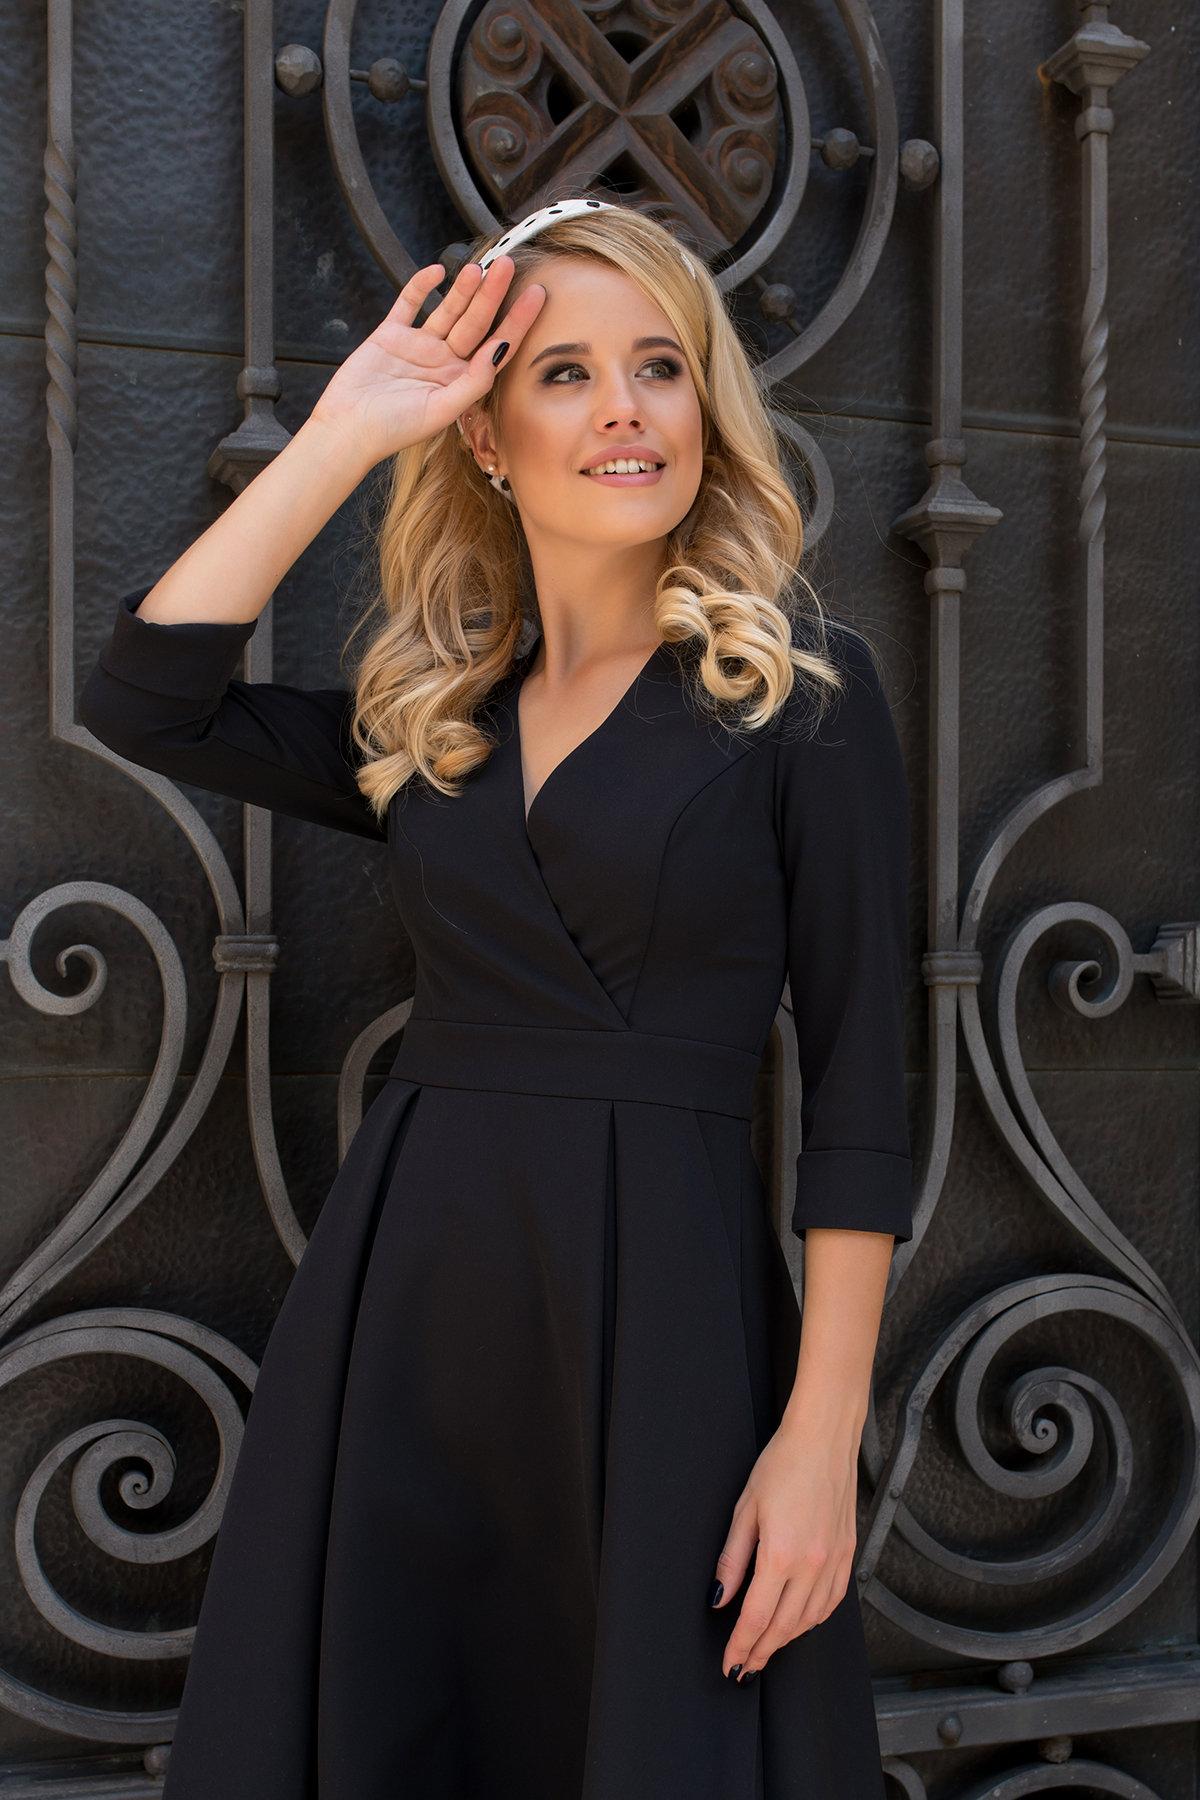 Платье с юбкой-солнце Аризона 7849 АРТ. 43752 Цвет: Черный - фото 3, интернет магазин tm-modus.ru